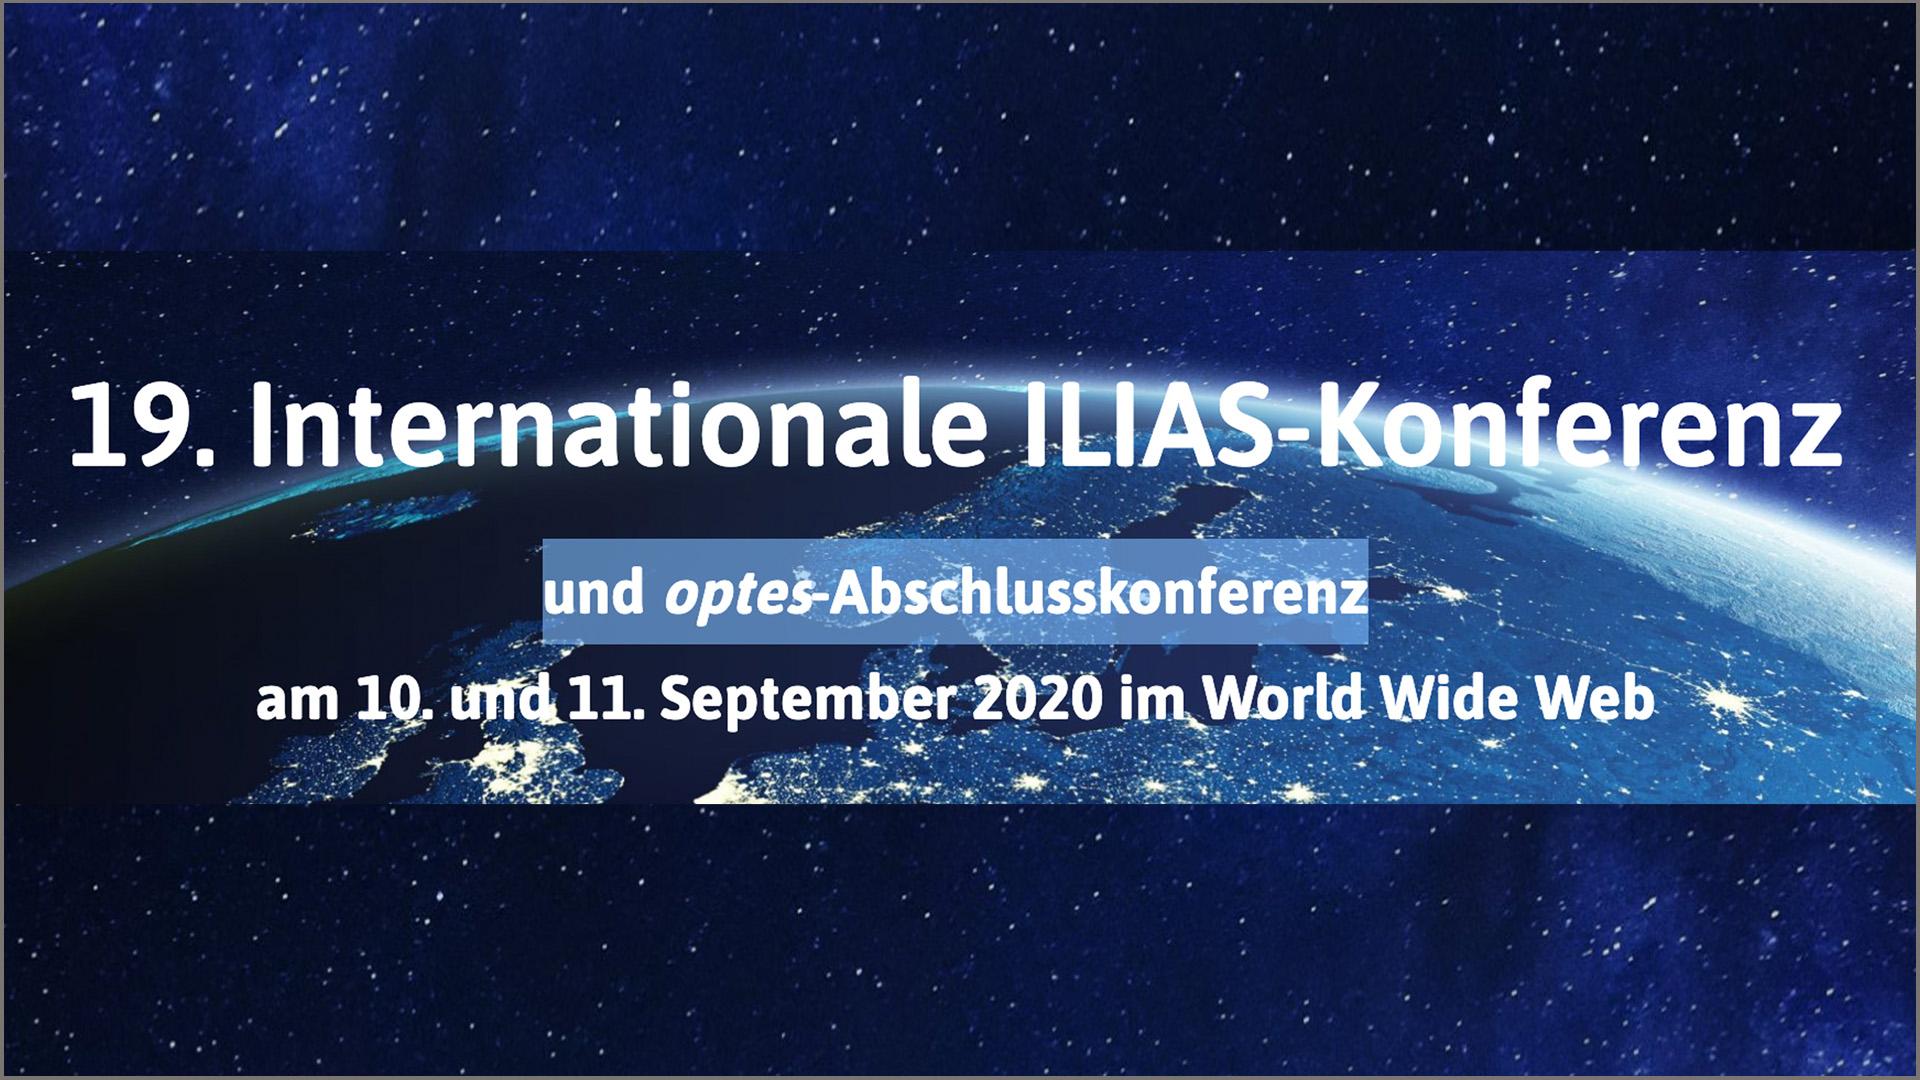 ILIAS Konferenz 2020